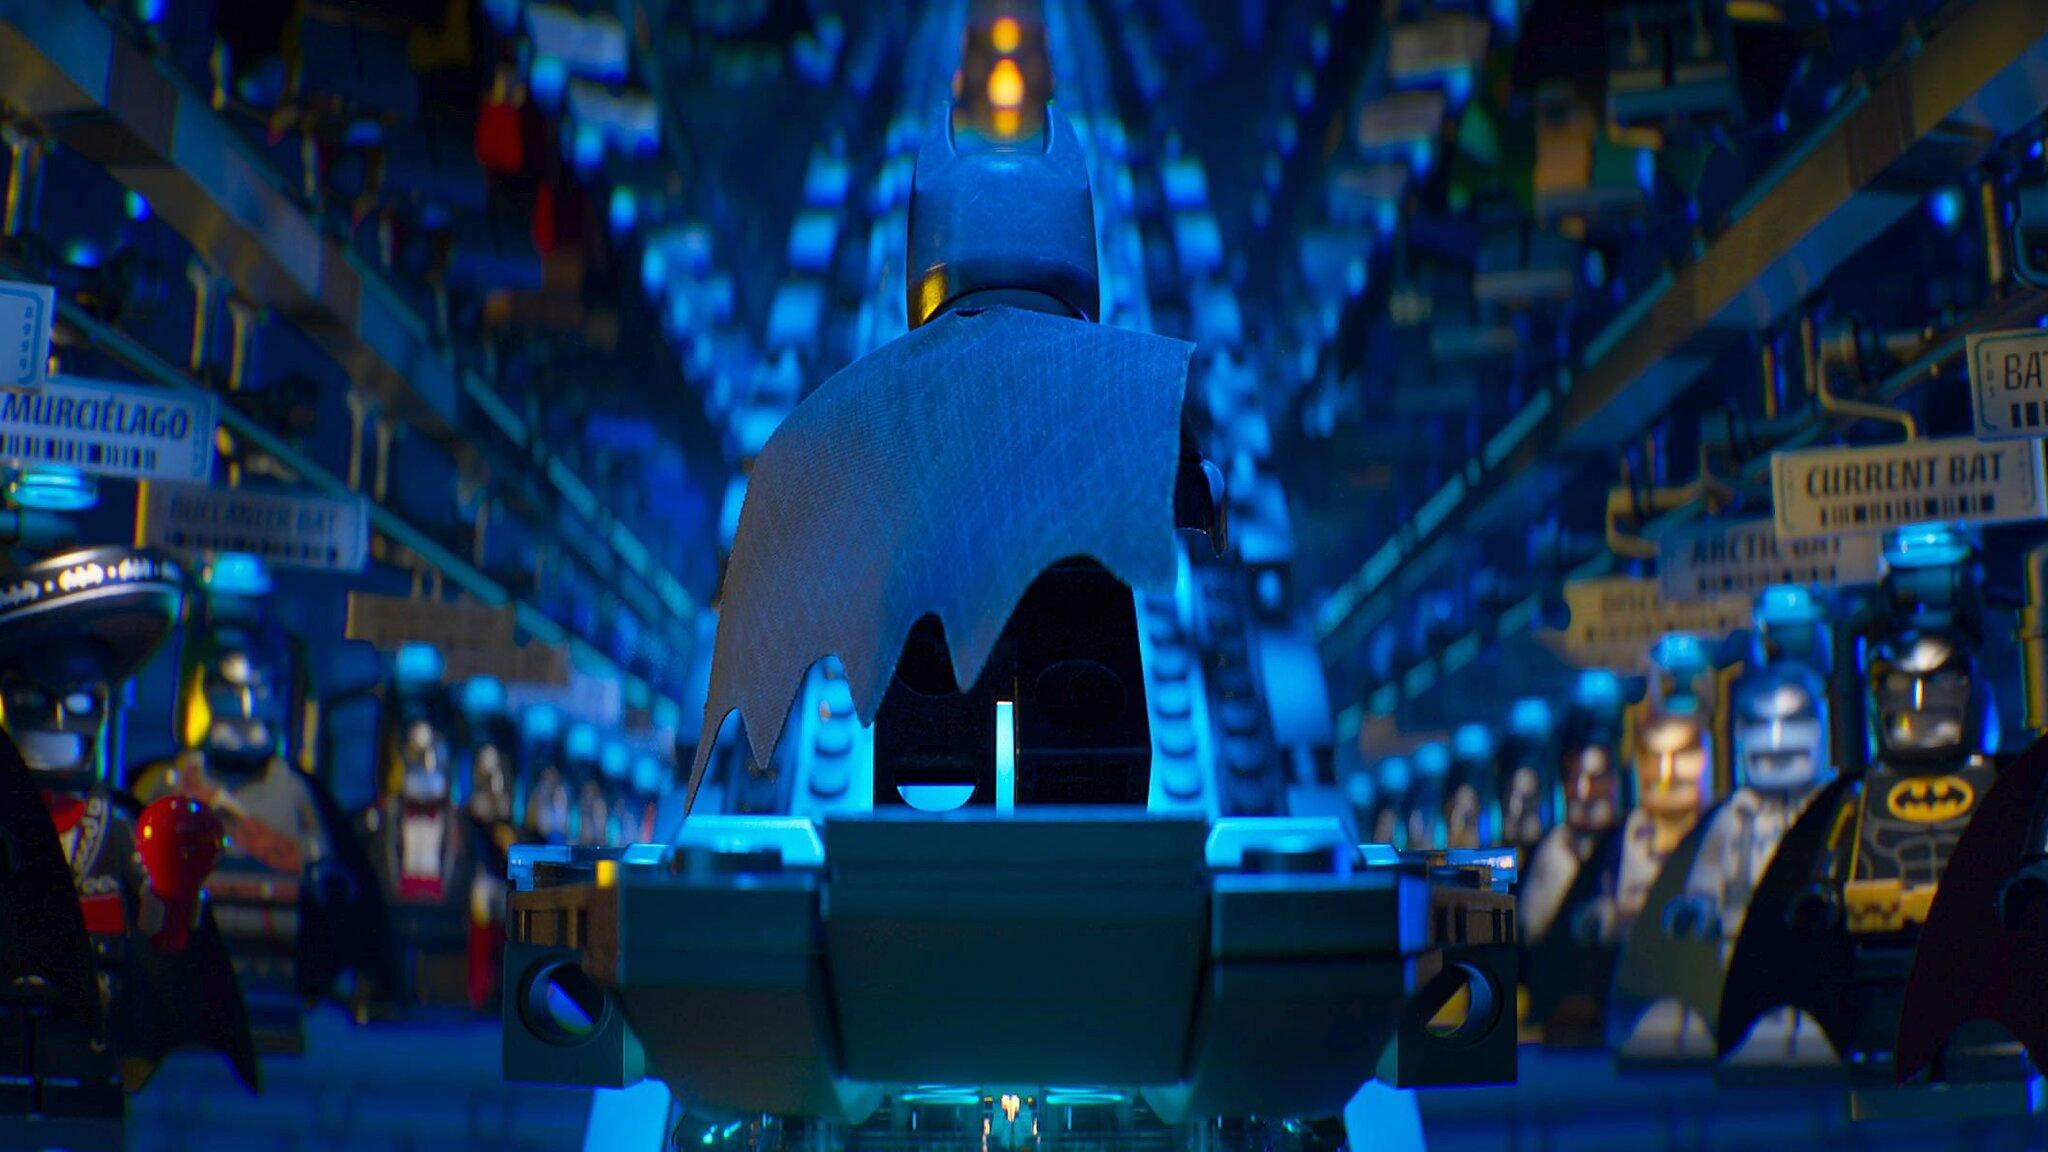 The Lego Batman Movie Wallpaper: 2048x1152 The Lego Batman Movie HD 2048x1152 Resolution HD